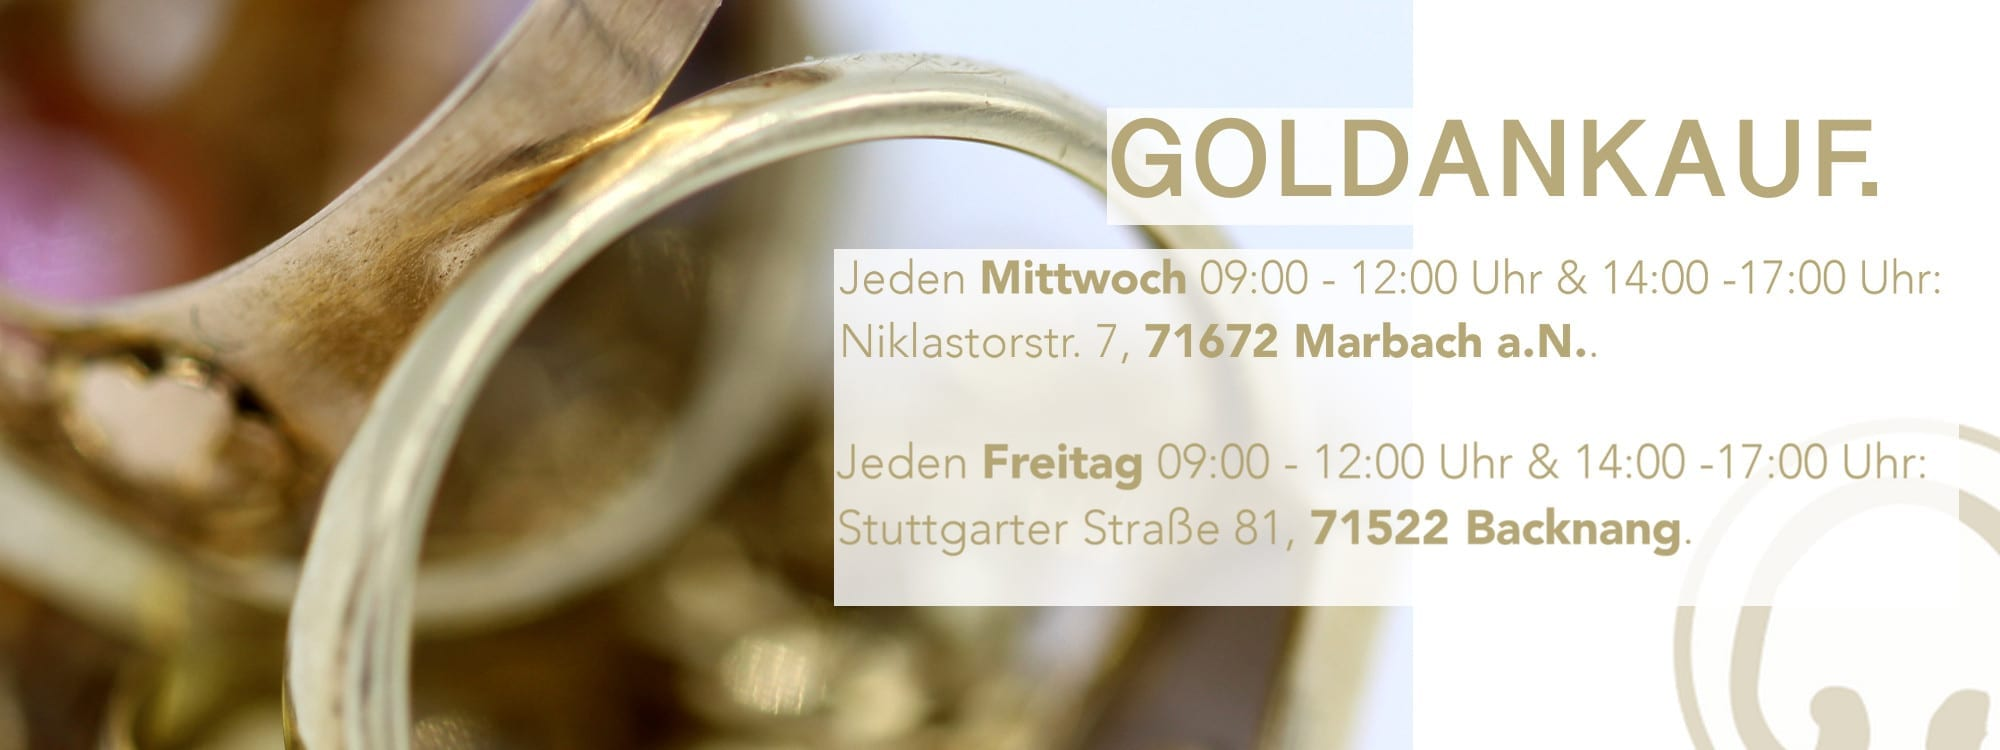 Haushaltsauflösung Stuttgart killesberg Kunst Erbschaft baden baden Goldankauf schmuck verkaufen